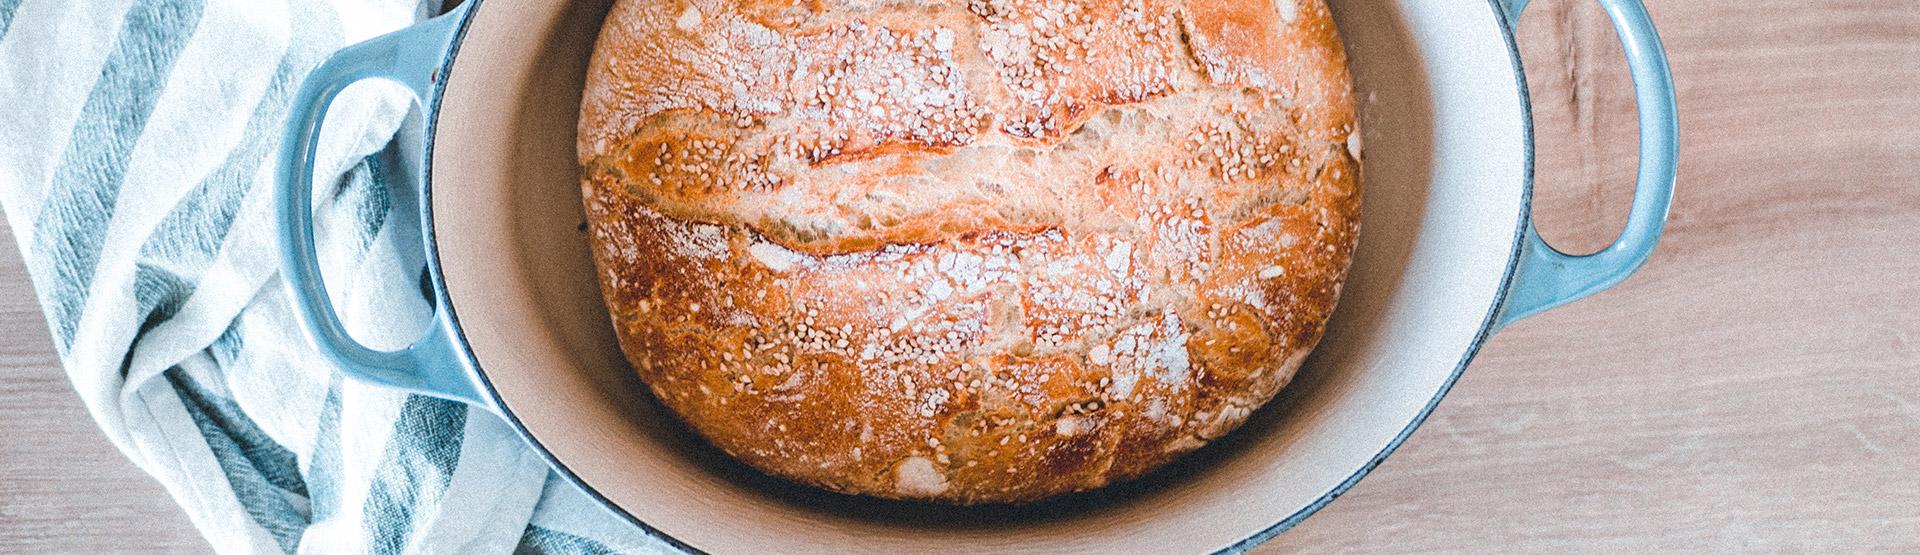 pain cocotte maison bannière